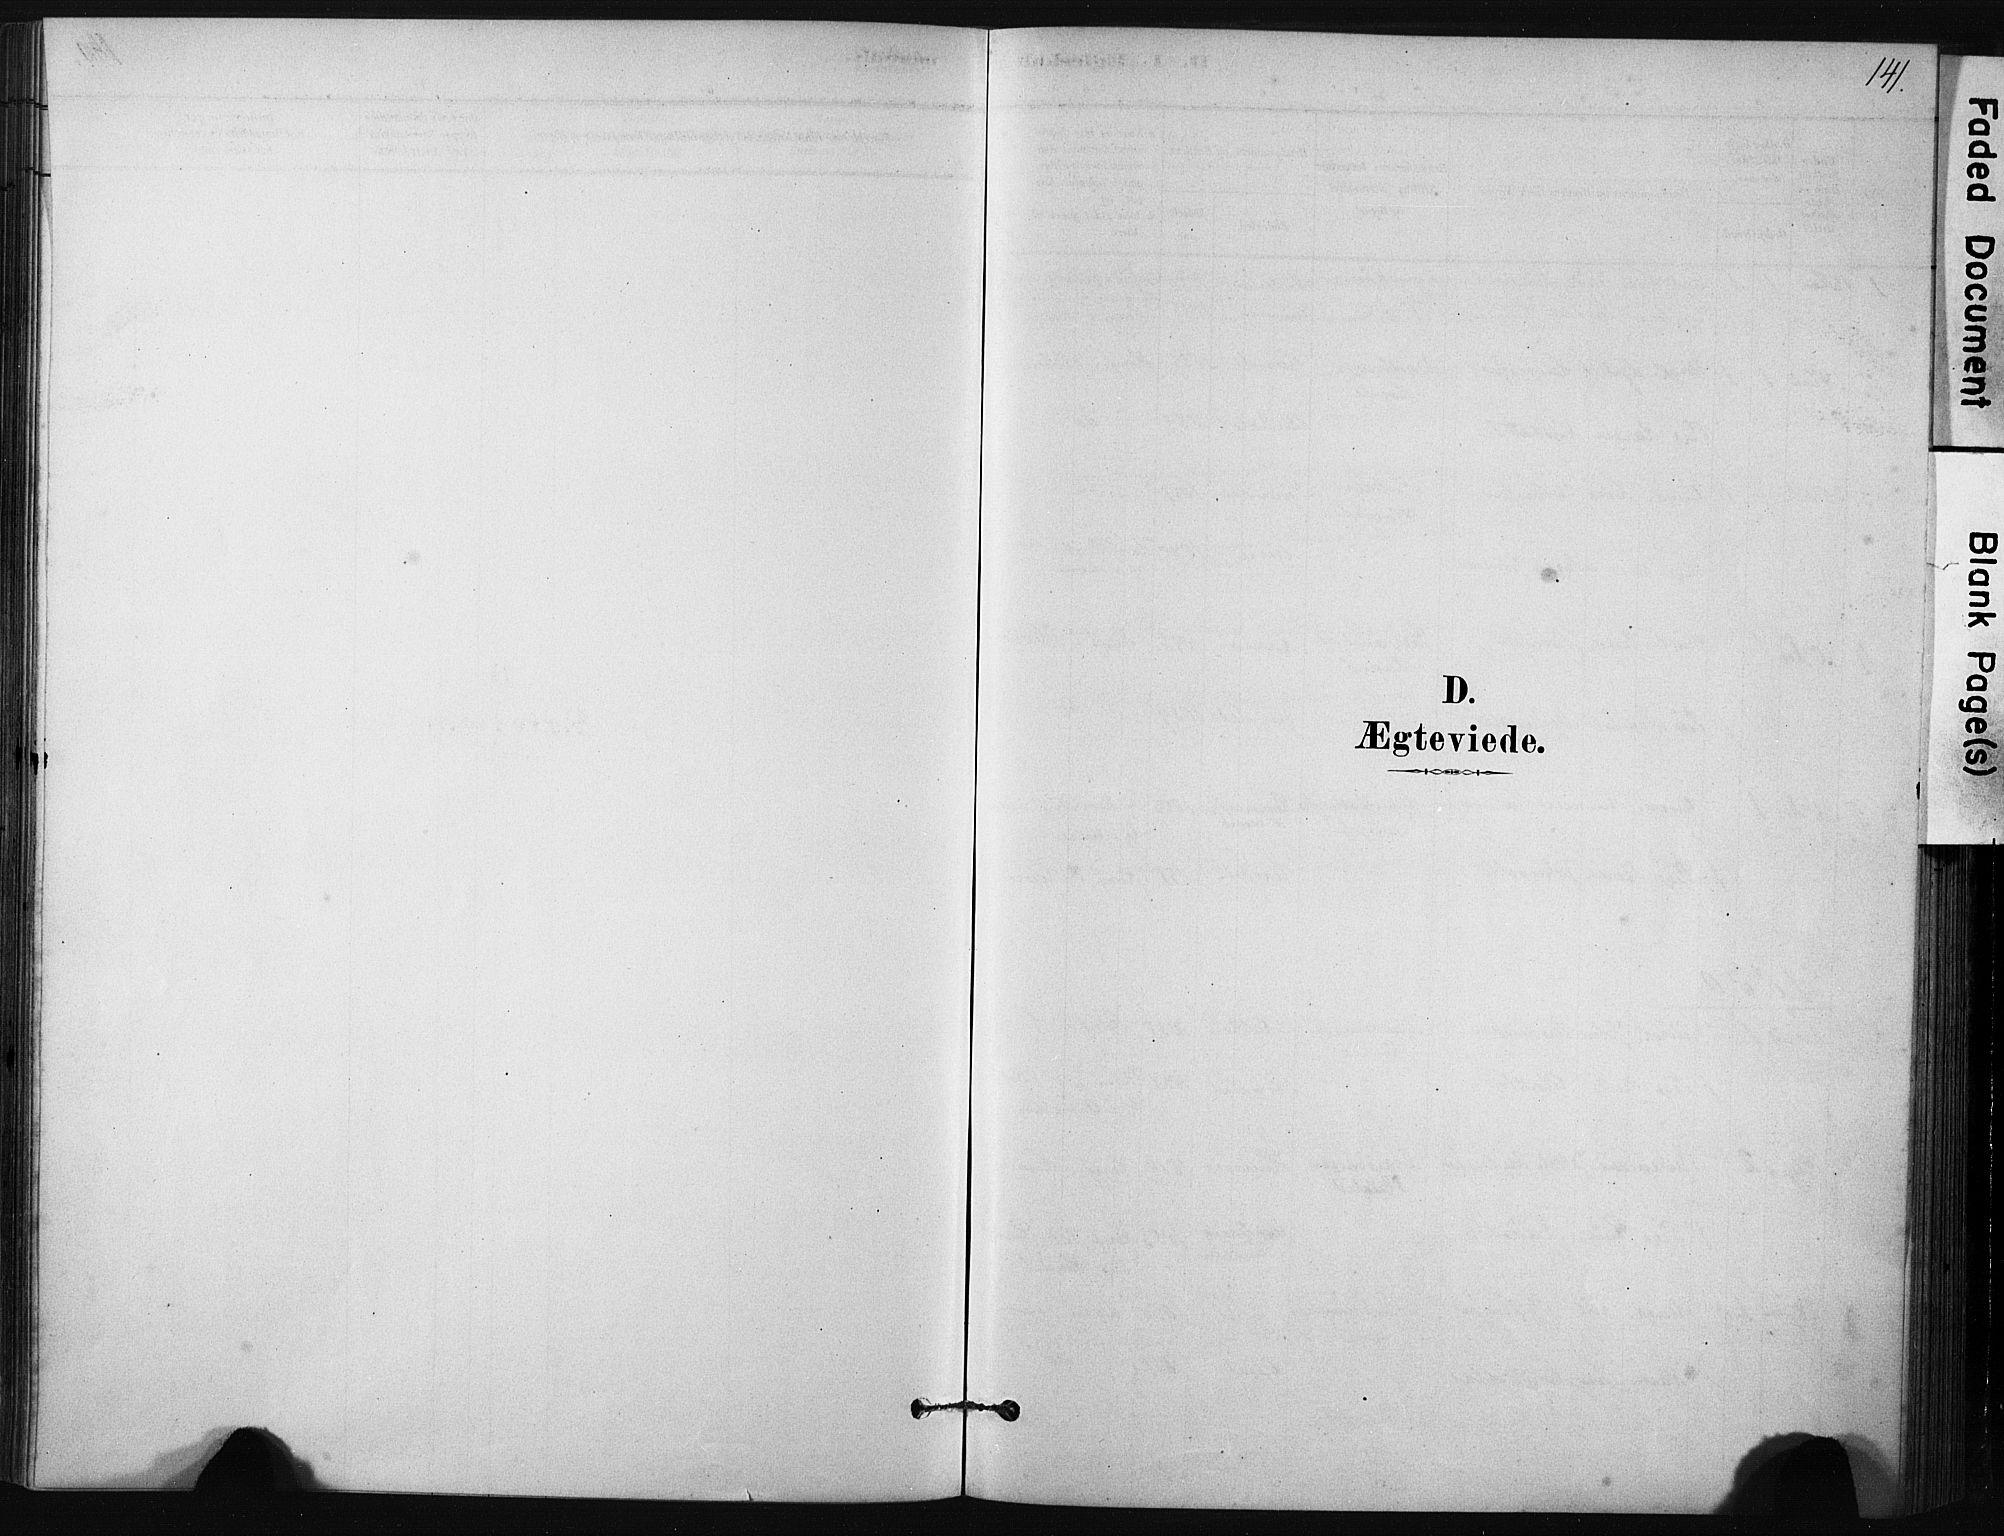 SAT, Ministerialprotokoller, klokkerbøker og fødselsregistre - Sør-Trøndelag, 631/L0512: Ministerialbok nr. 631A01, 1879-1912, s. 141